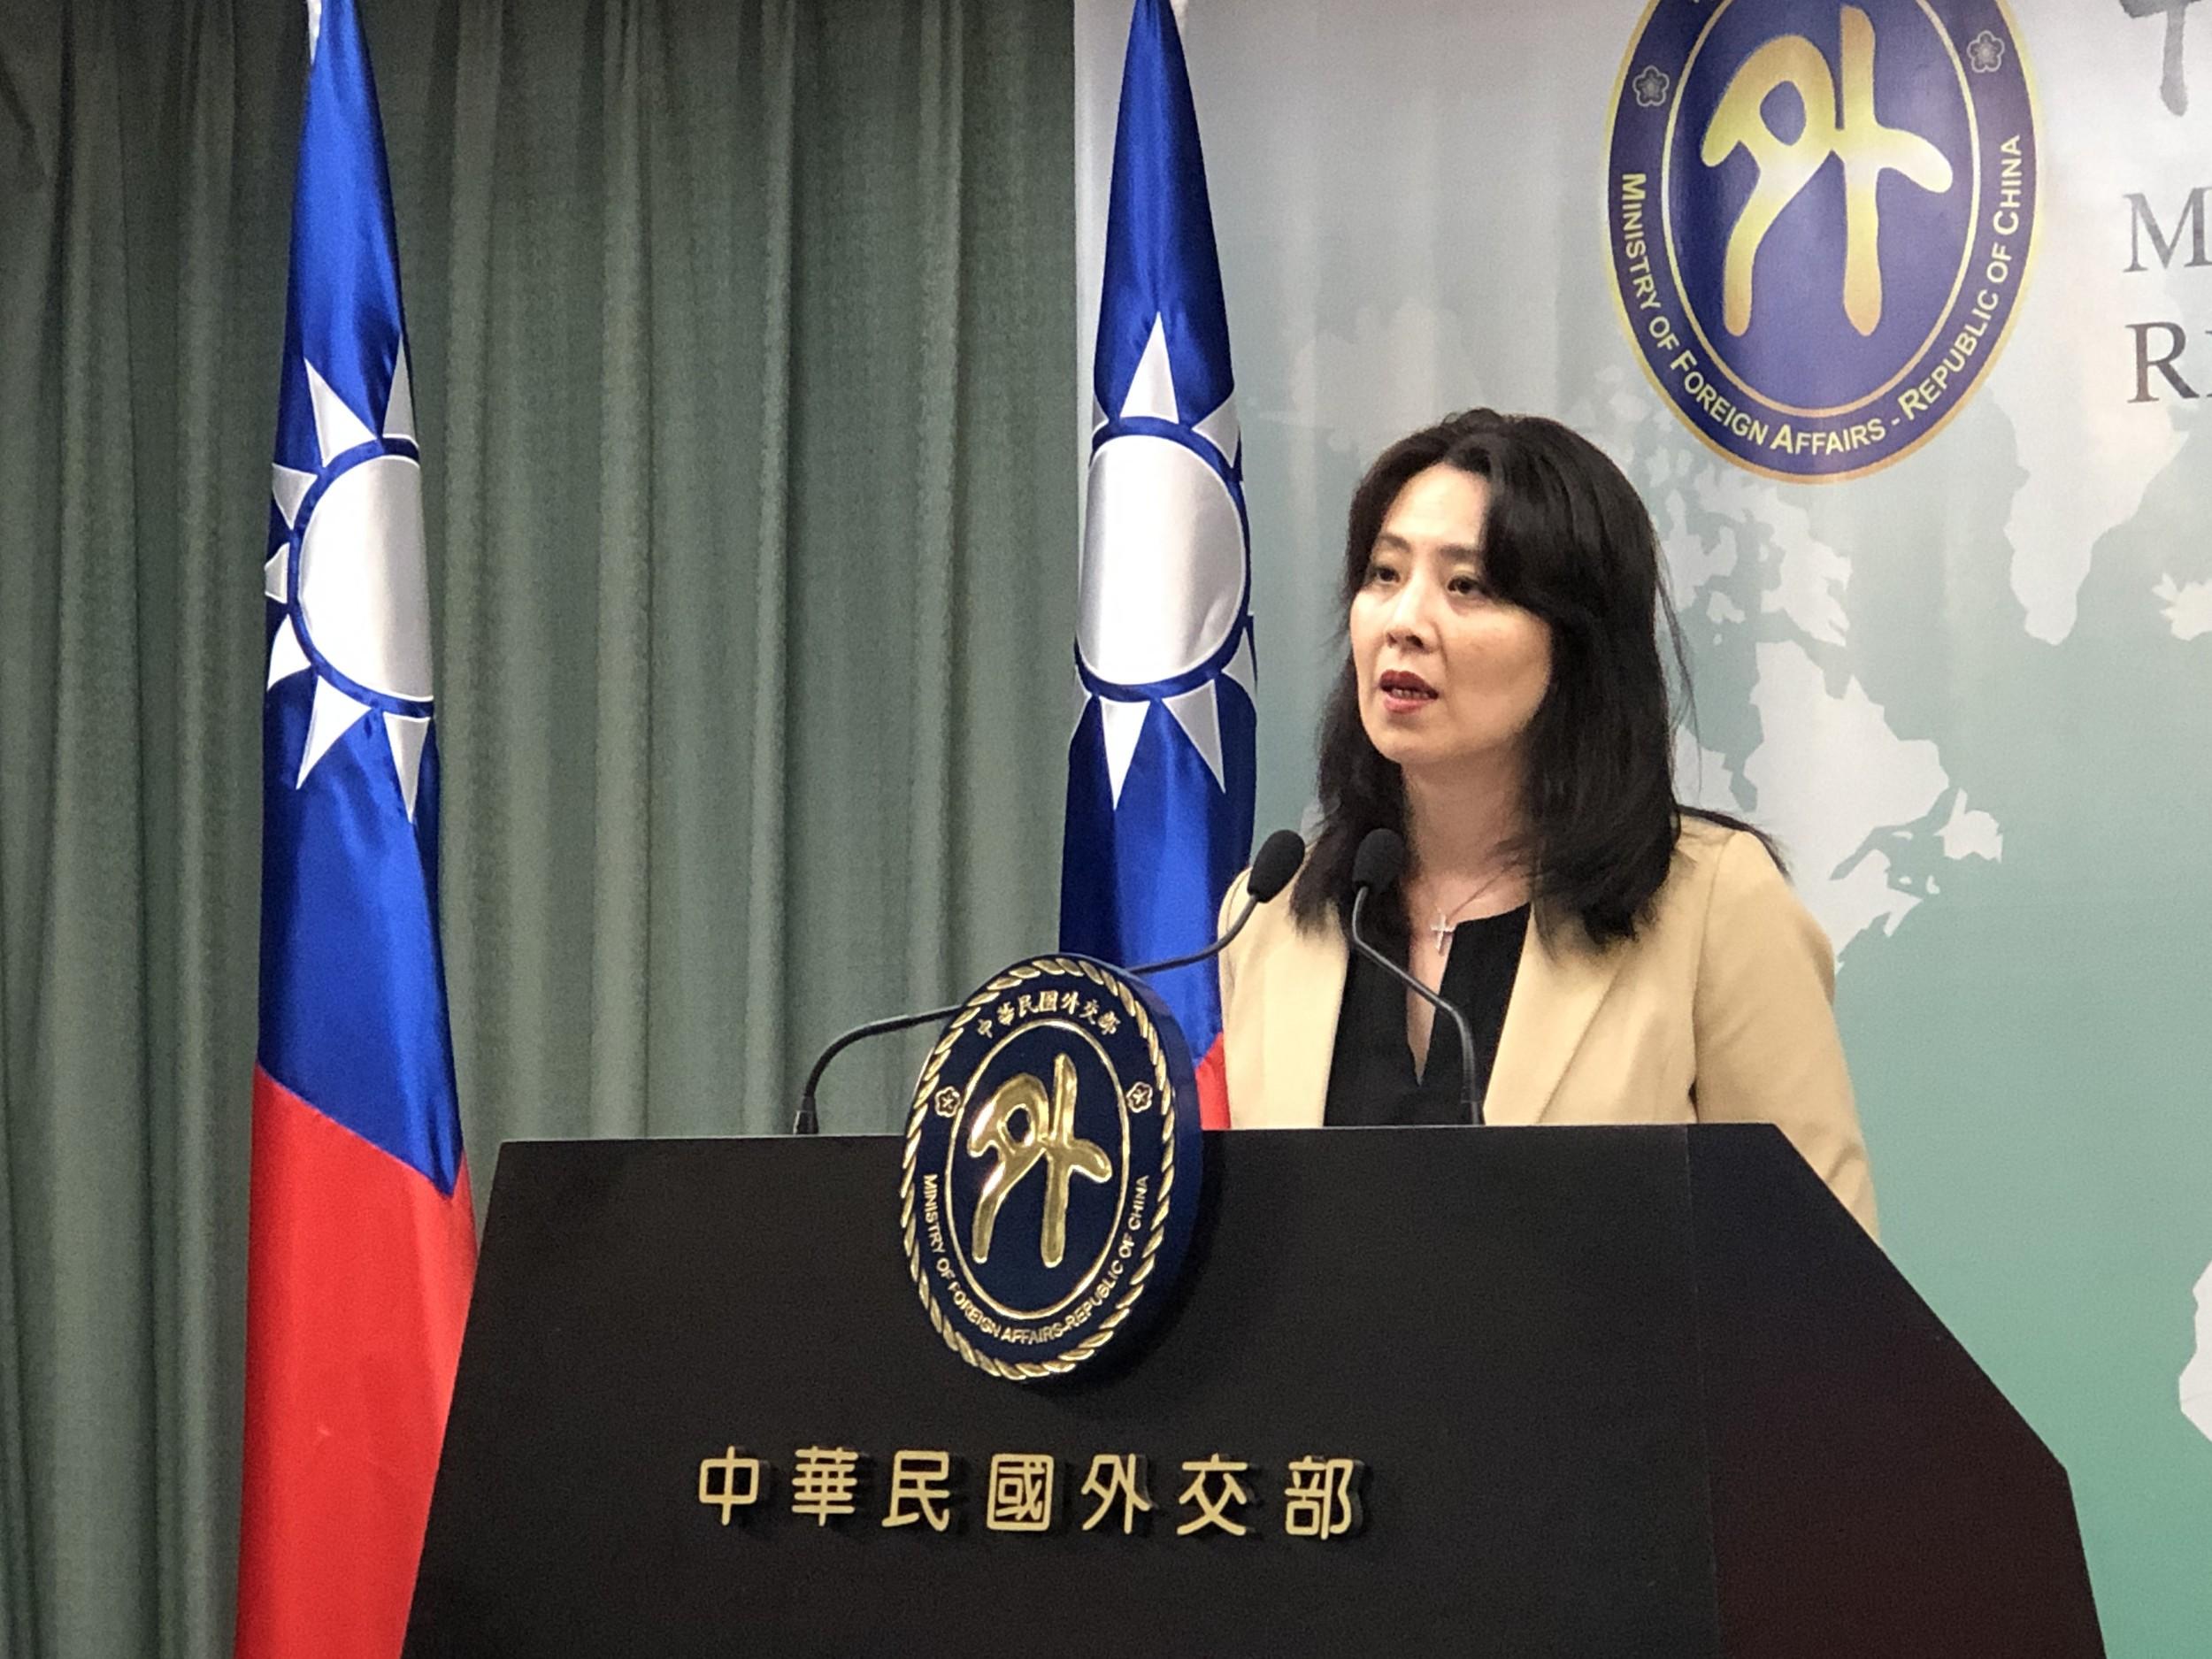 外交部发言人欧江安。(记者夏小华摄)